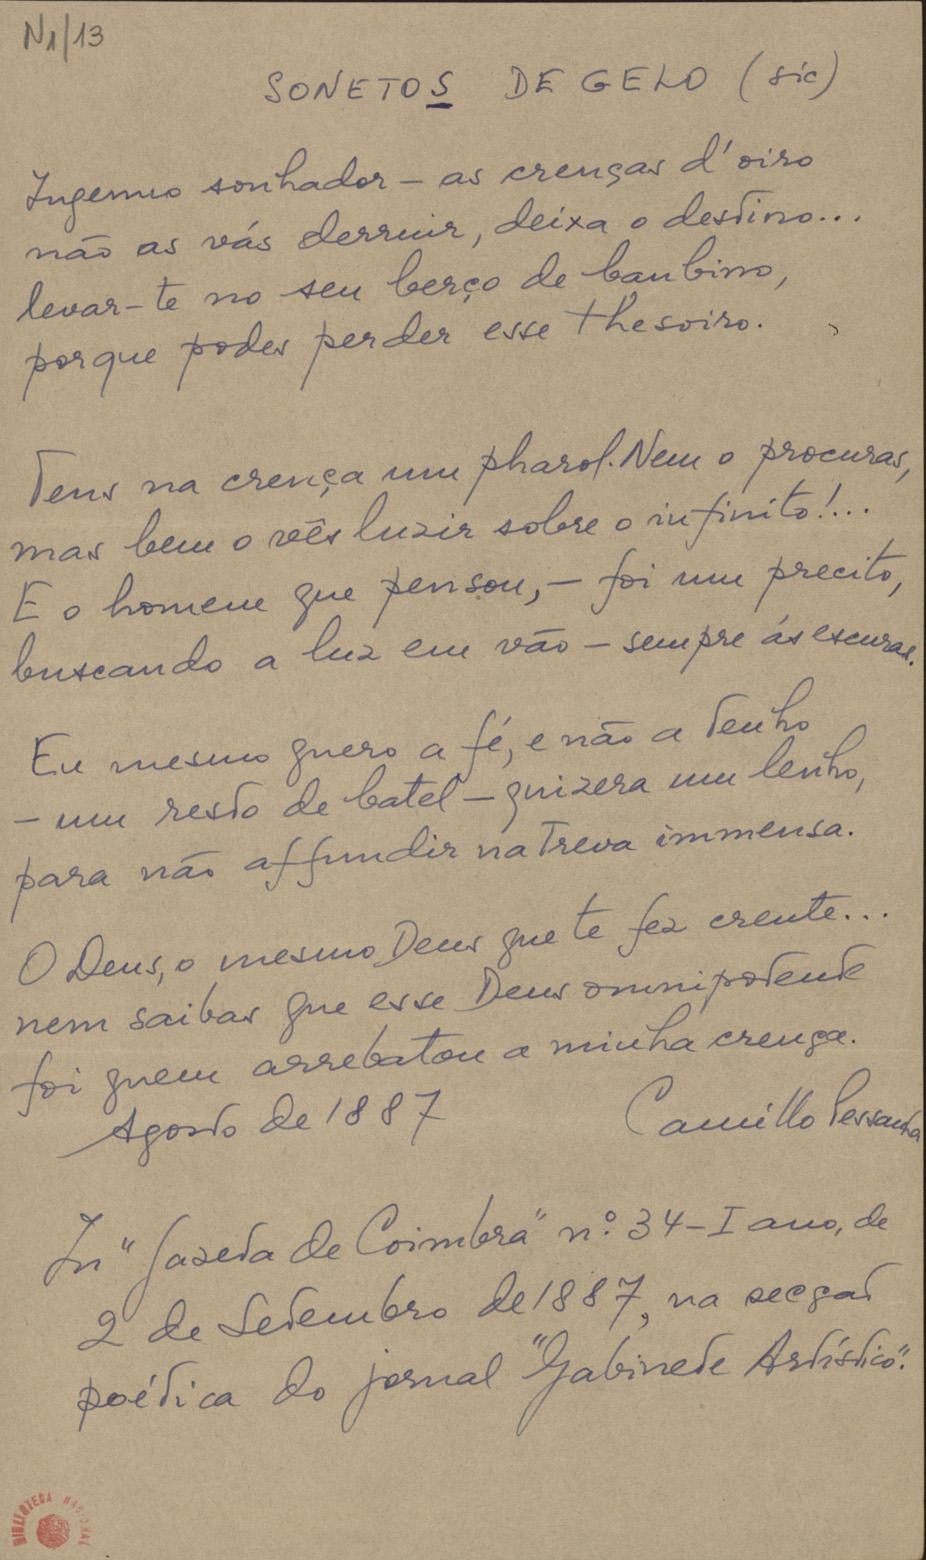 autógrafo de «SONETO DE GELO»